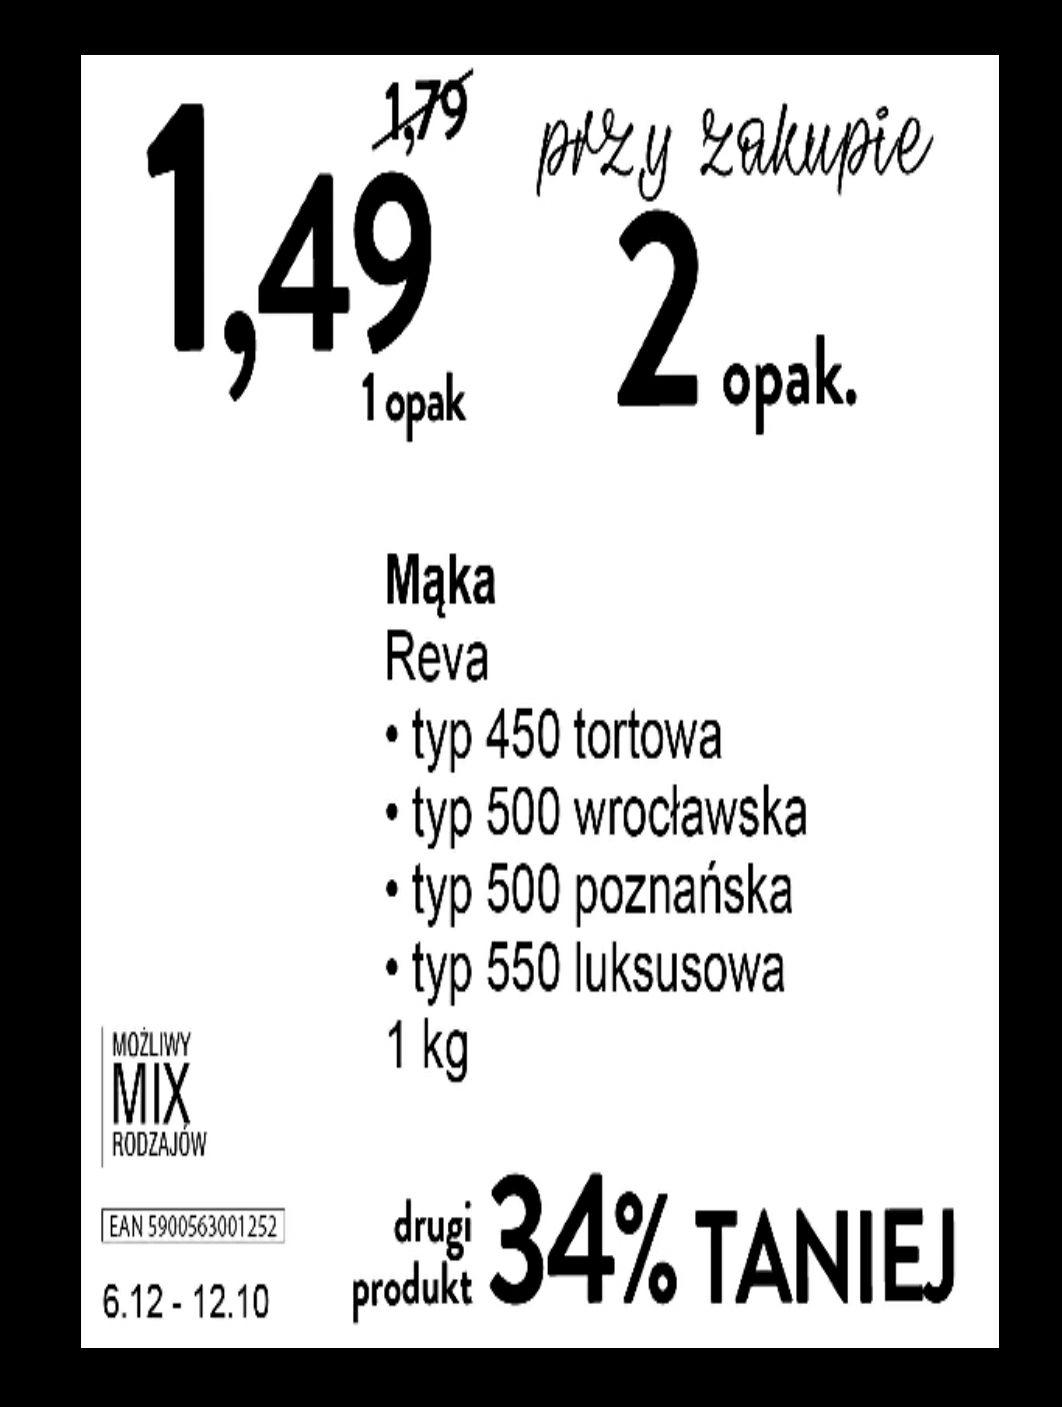 Mąka Reva - Intermarche